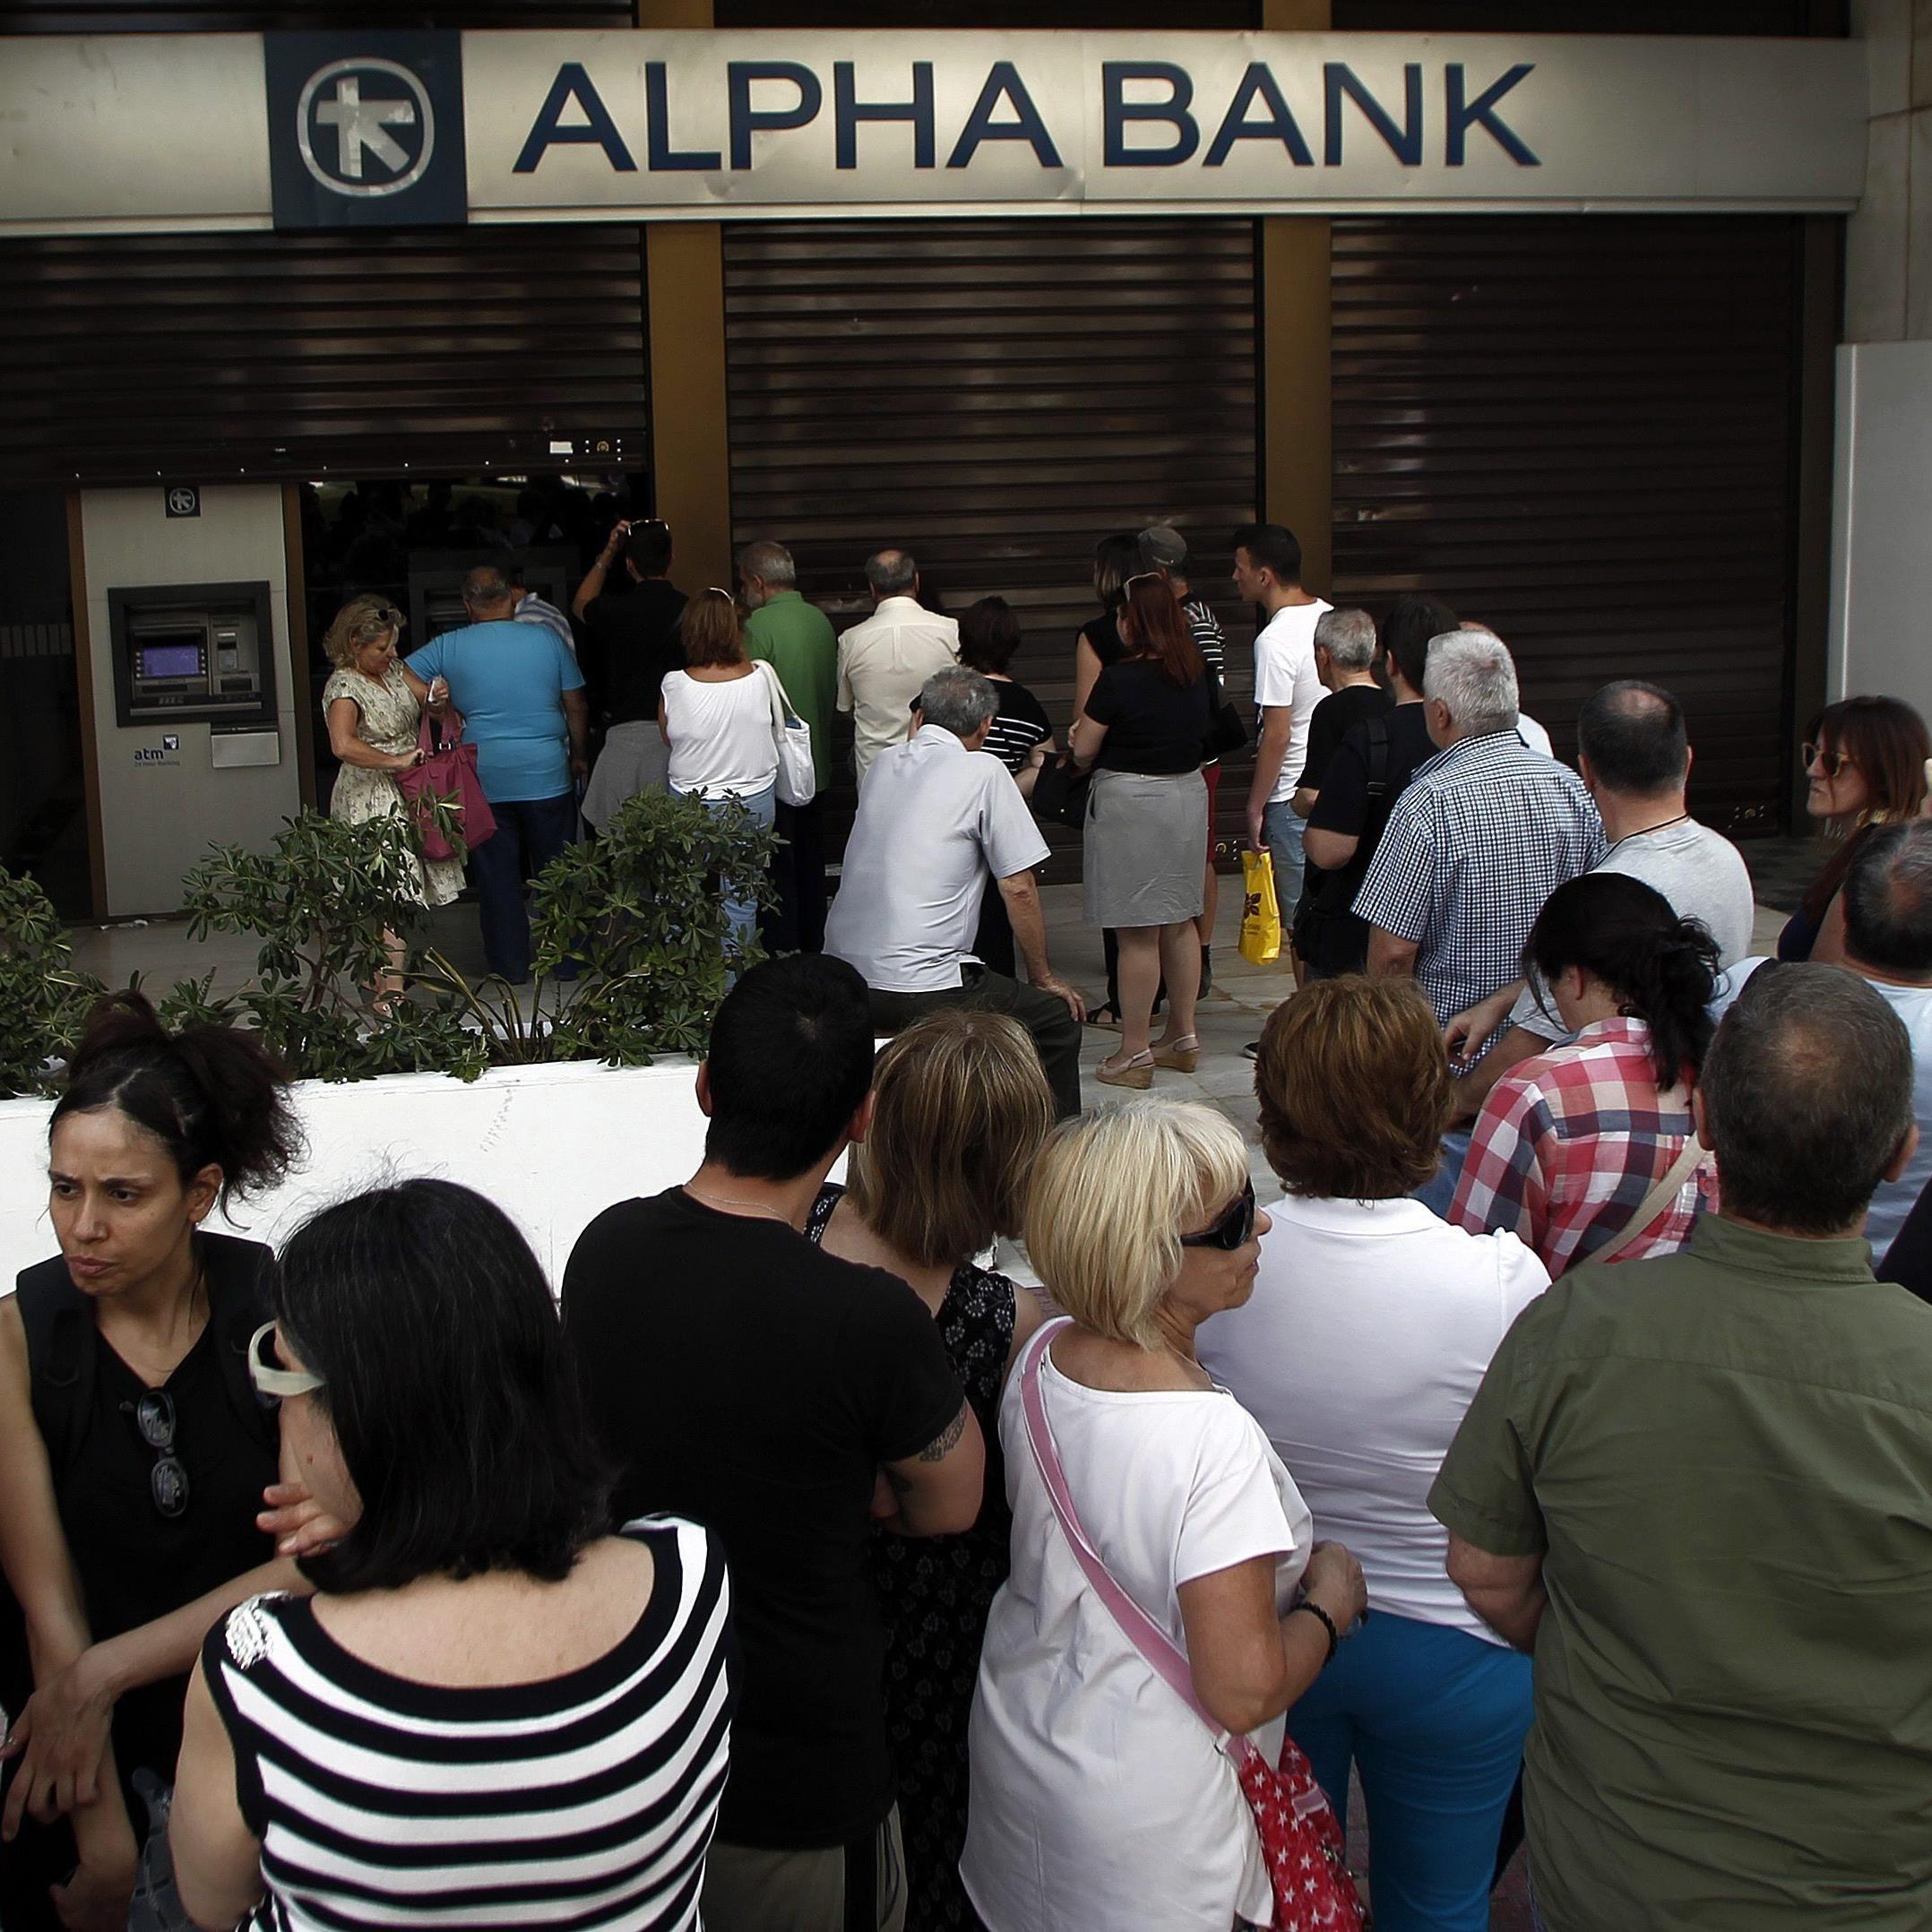 Am Samstag hoben in Griechenland Bankkunden ungewöhnlich viel Geld ab.